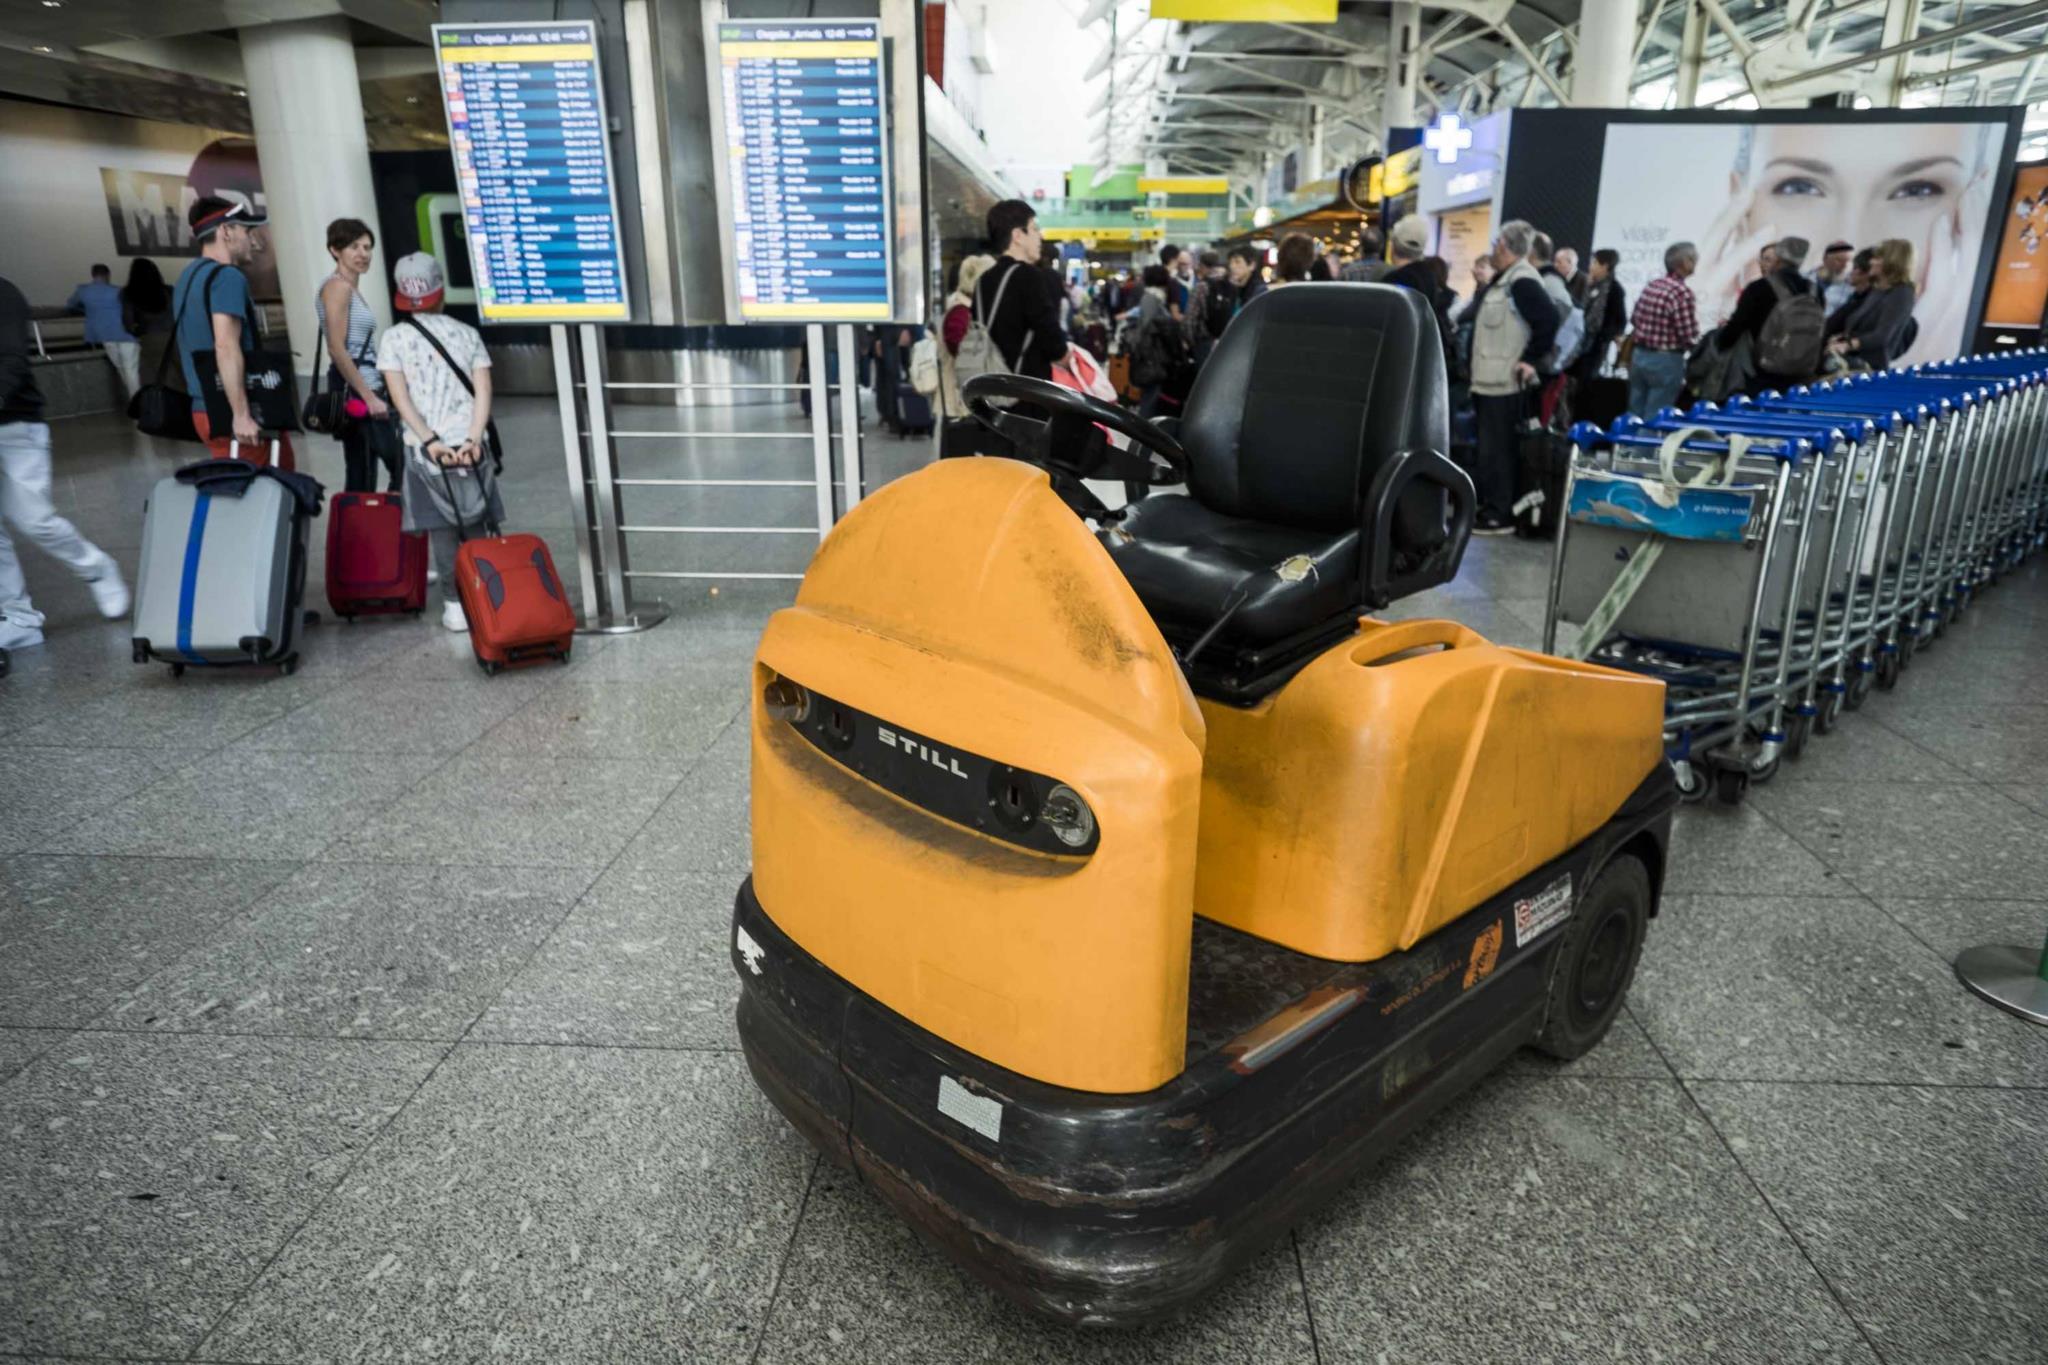 PÚBLICO - Mala abandonada no aeroporto de Lisboa obrigou à evacuação de zona de chegadas